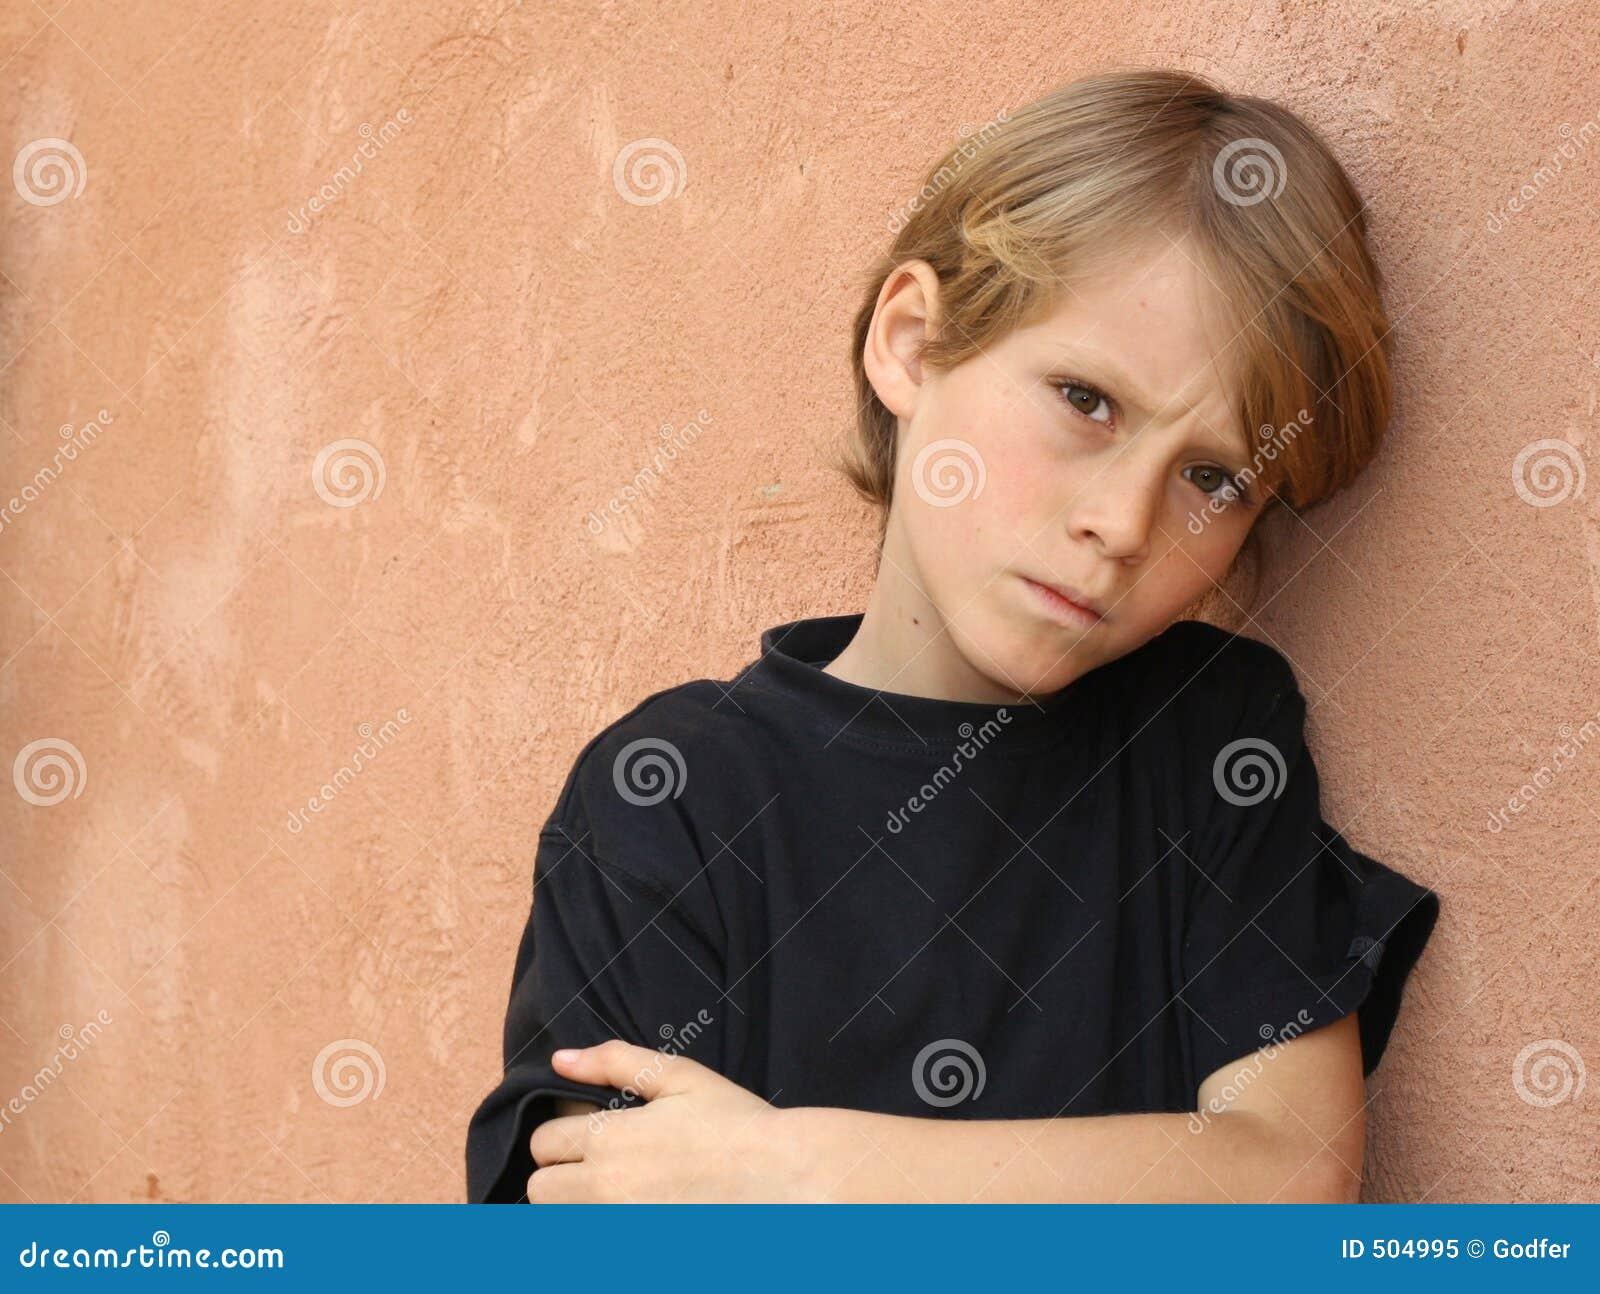 λυπημένος δυστυχισμένος προβλημάτων παιδιών μόνος